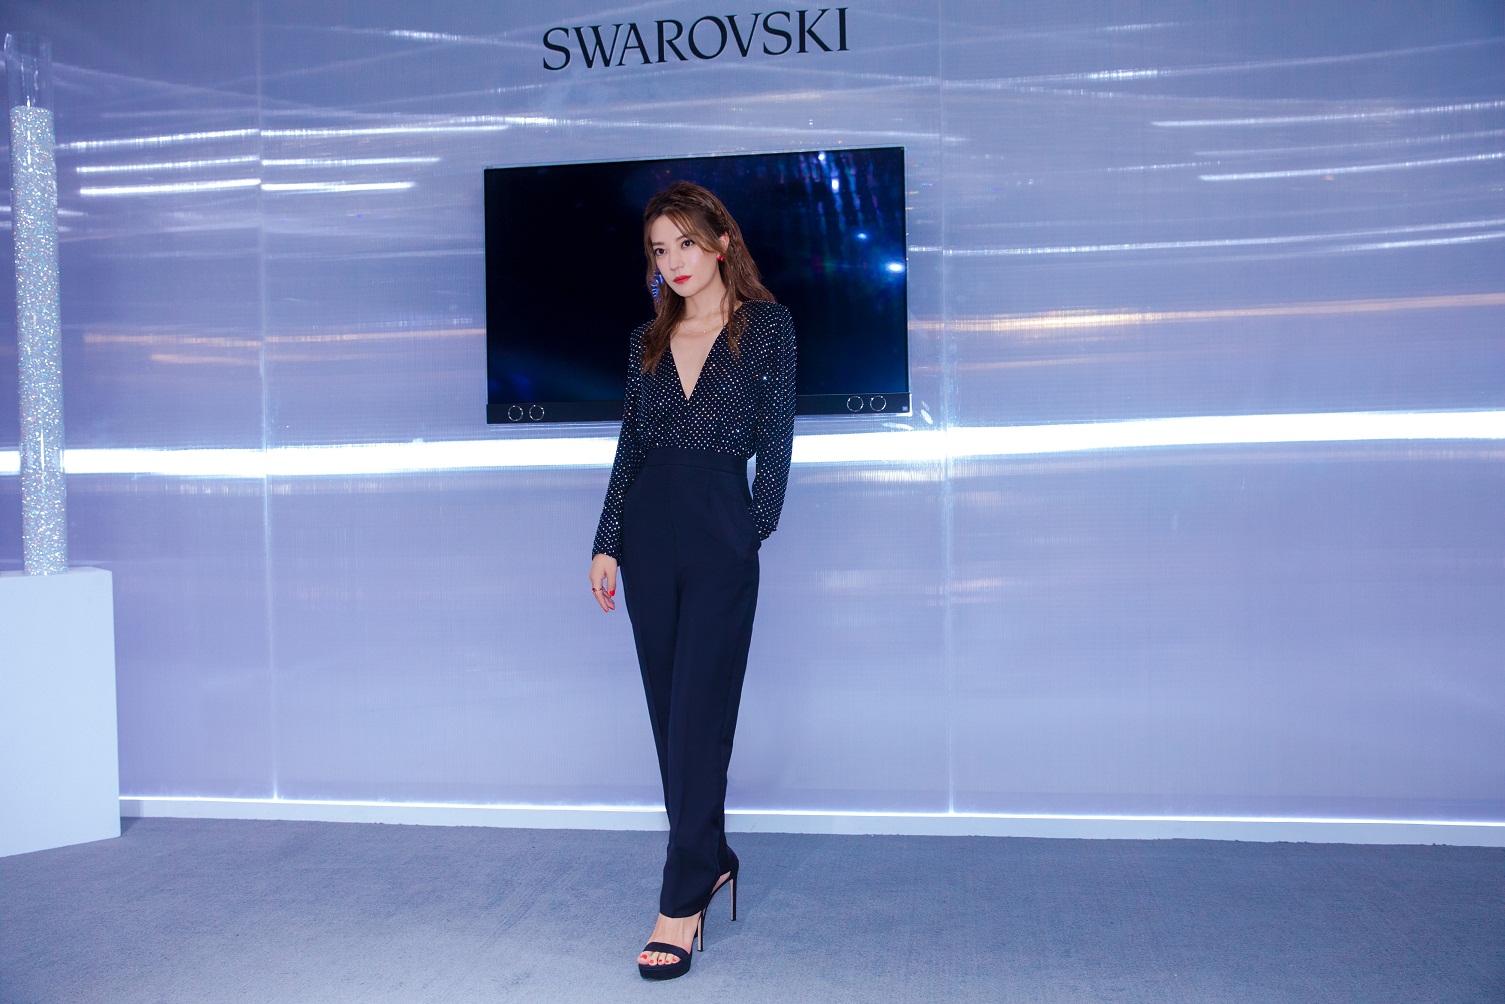 2018.08.17 - Triệu Vy dự hoạt động của hãng Swarovski